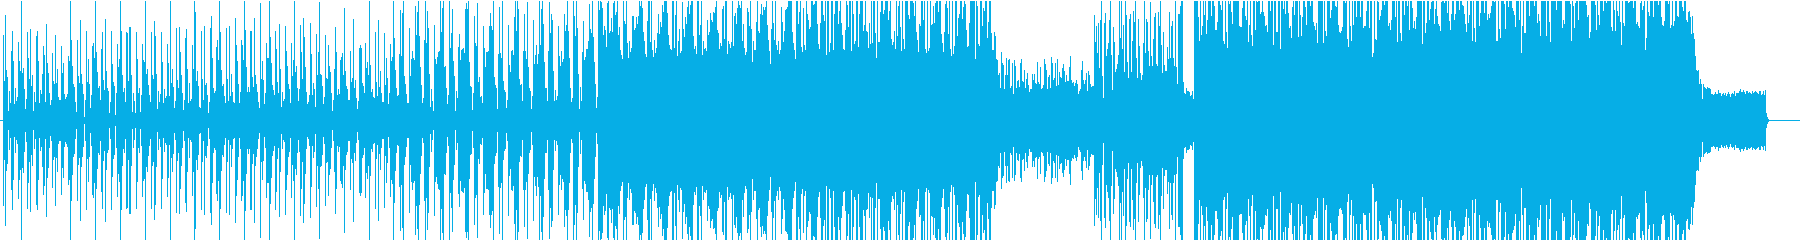 攻撃的な音のエレクトロミュージックの再生済みの波形